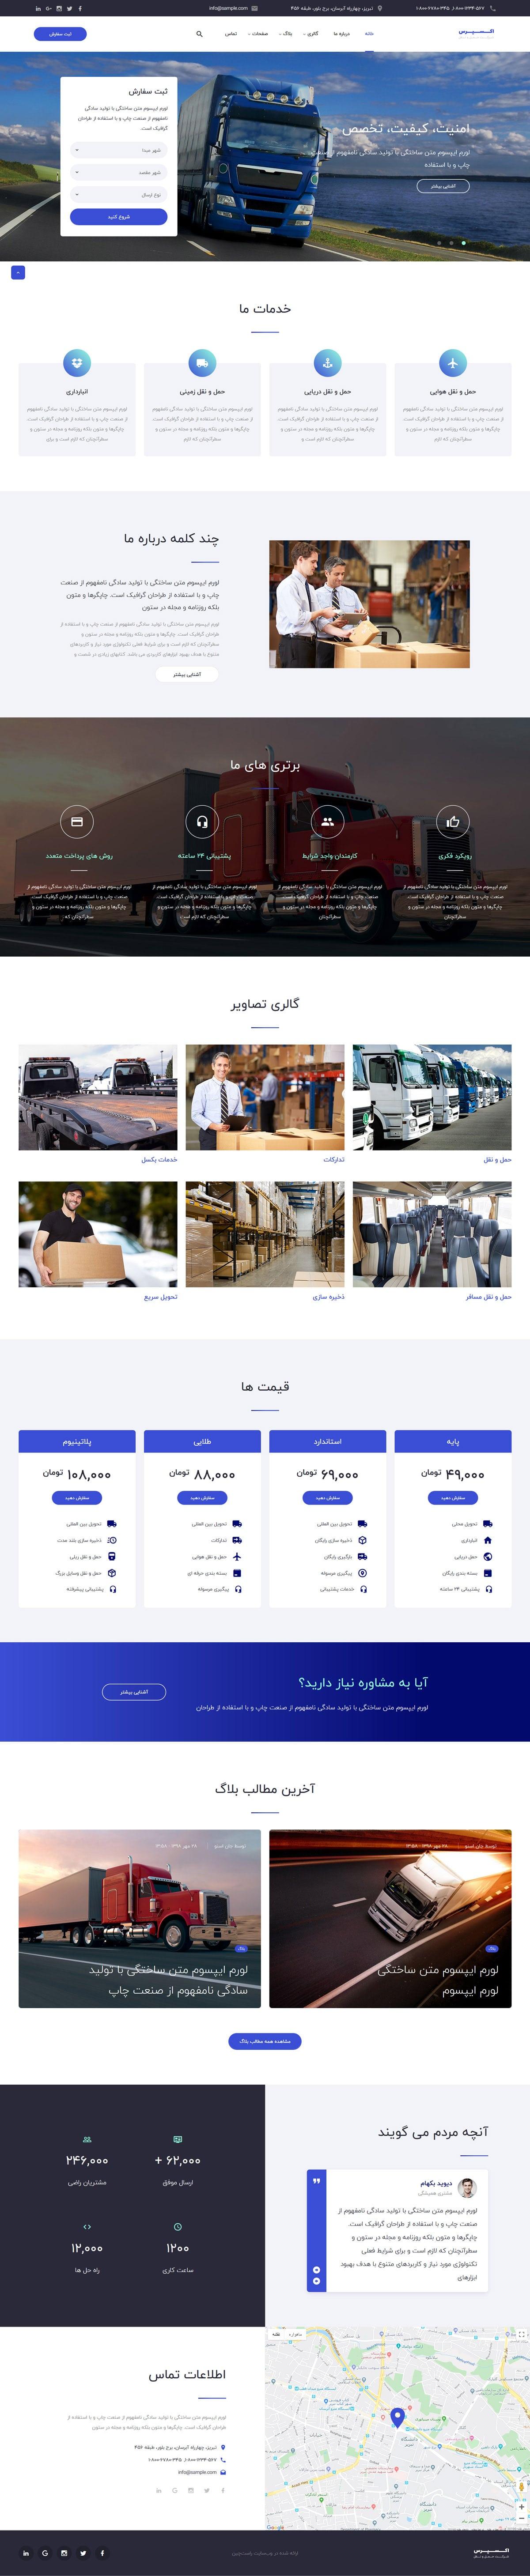 قالب HTML شرکتی حمل و نقل Express